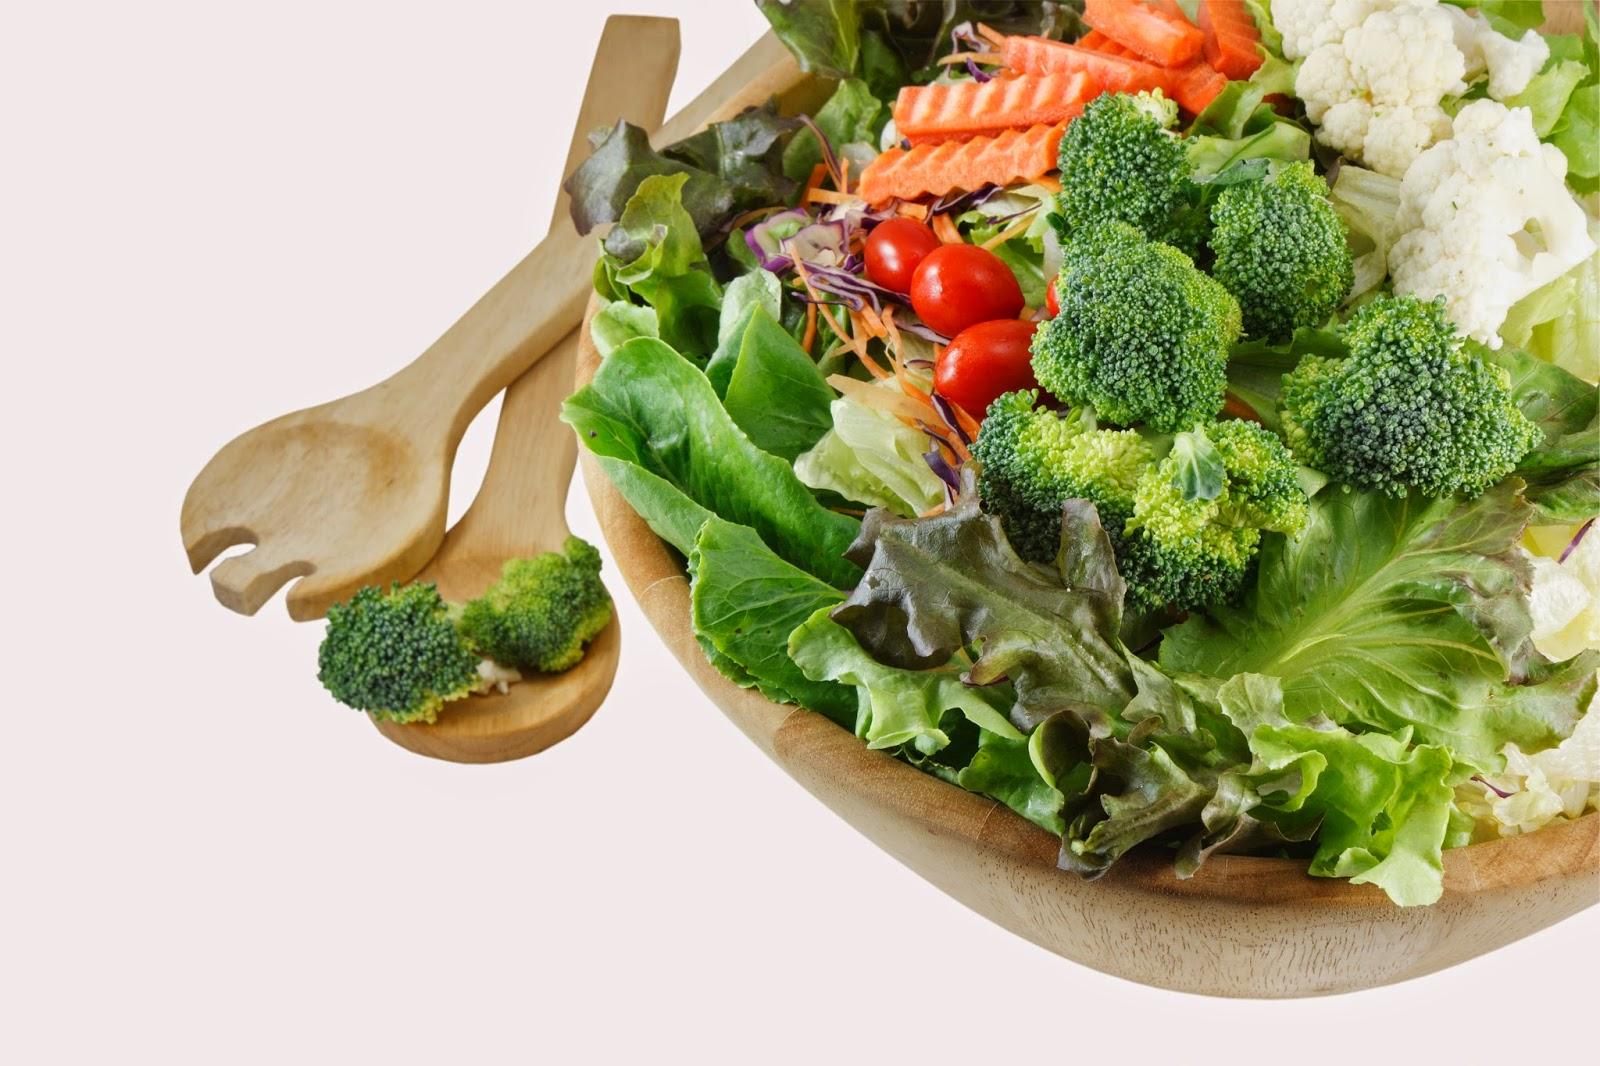 الطعام الصحى يزيد طاقة جسمك